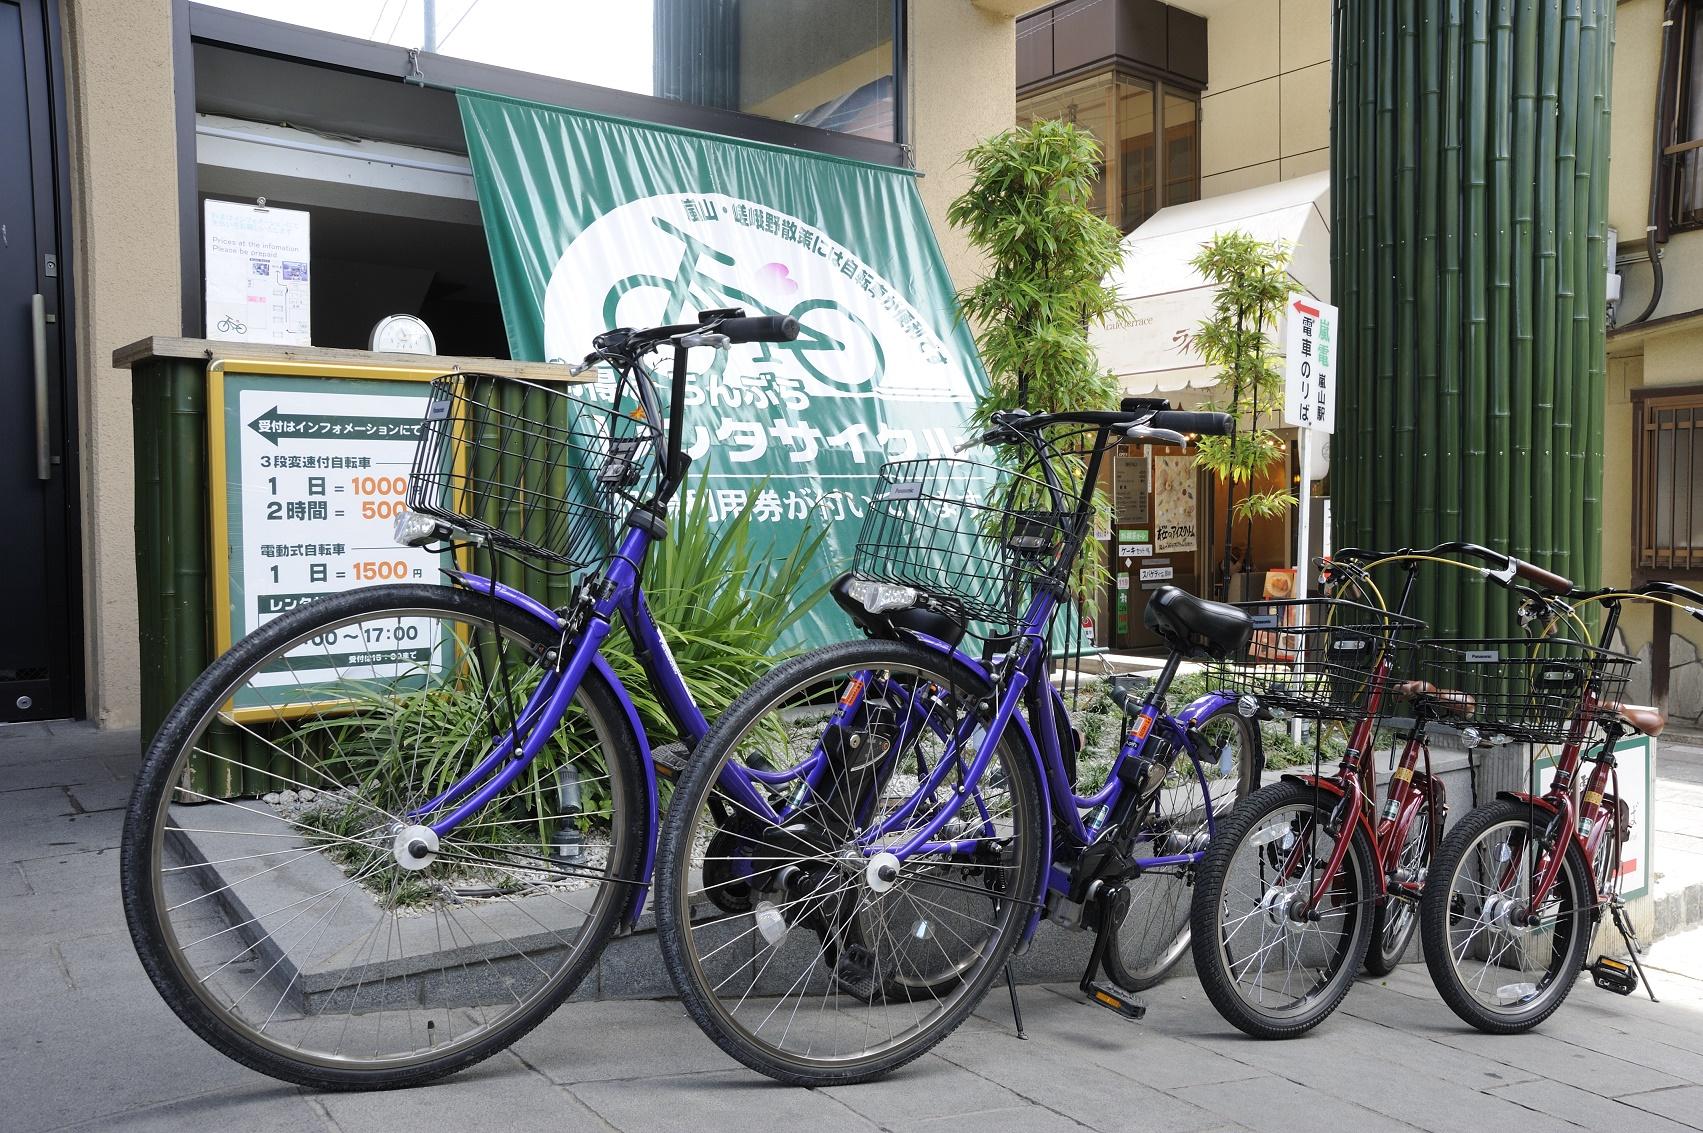 在嵐電嵐山站直通的便利景點享受美食和購物!